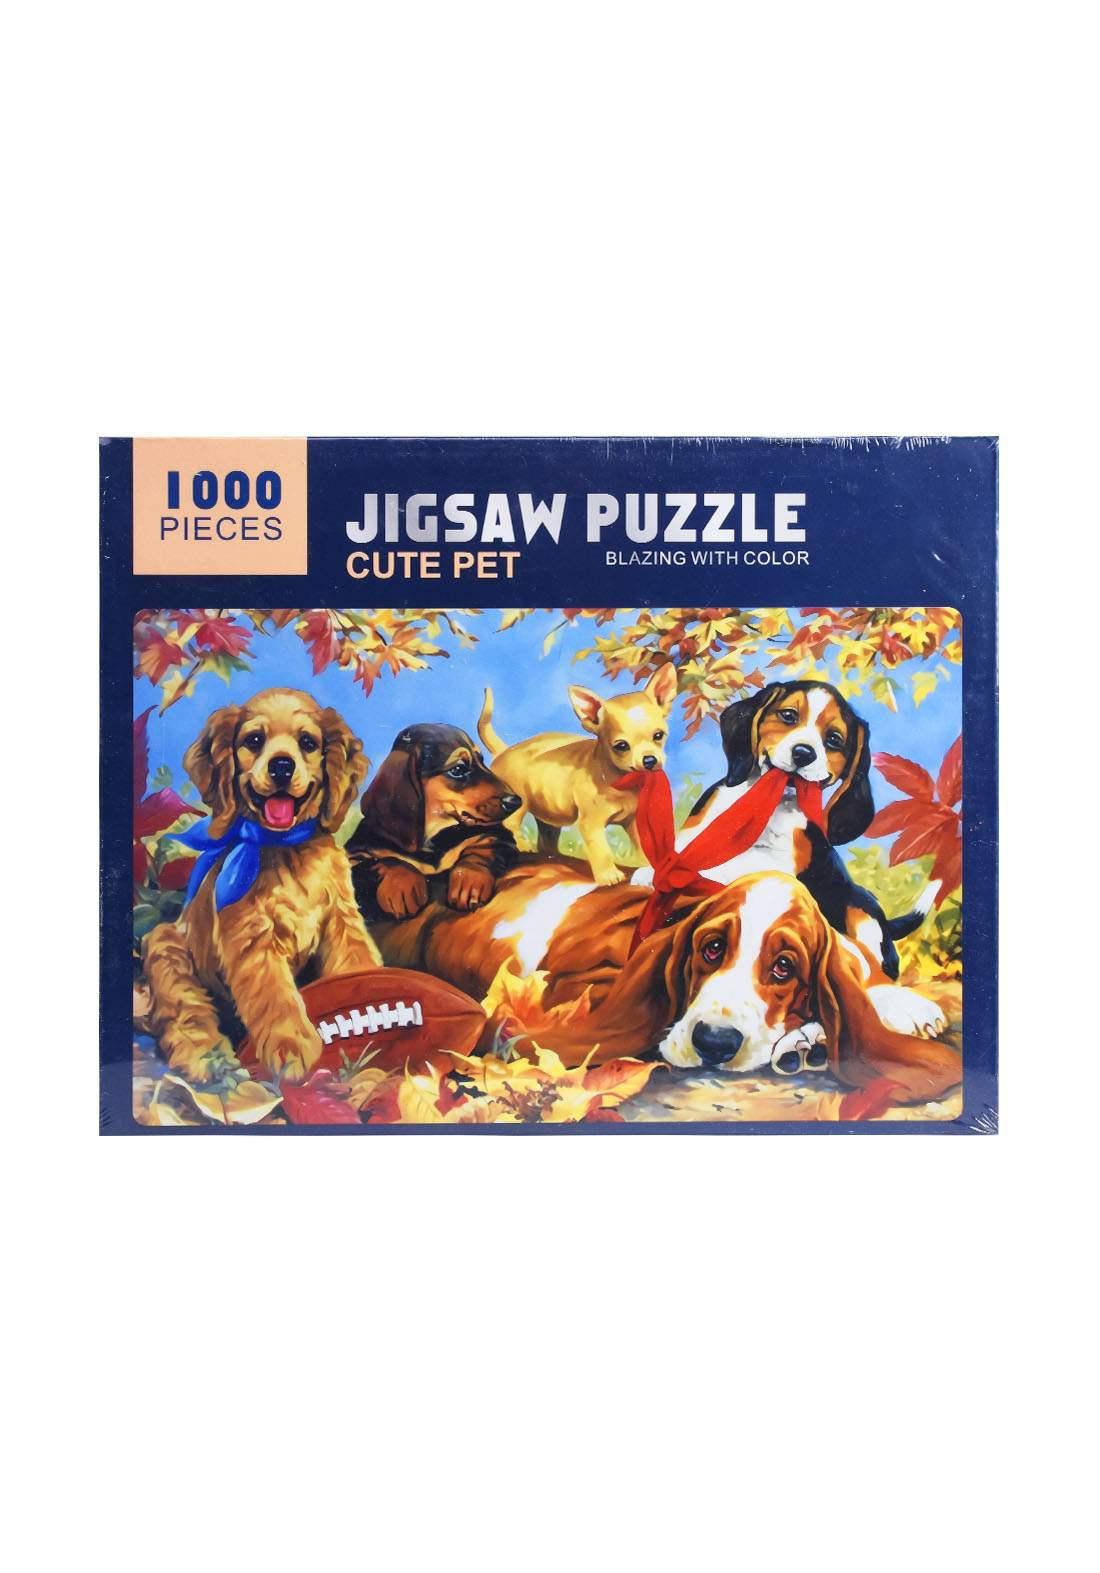 Jigsaw Puzzle Cute Pet 1000Pcs لعبة تركيب القطع بشكل حيوان أليف